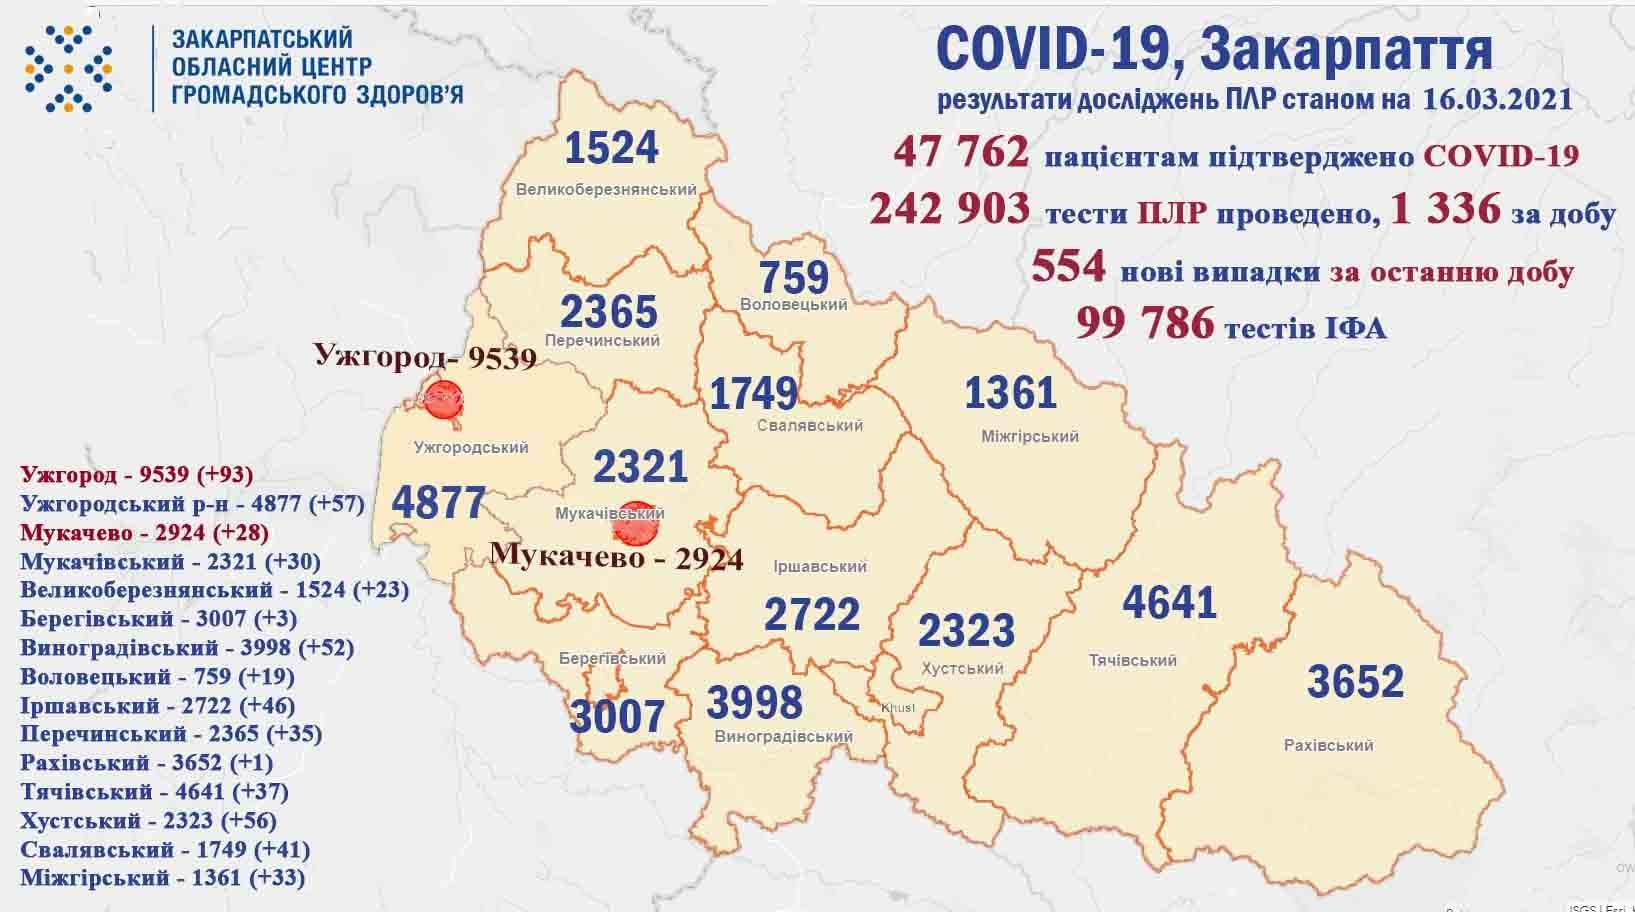 Протягом доби на Закарпатті виявлено 554 випадки COVID-19